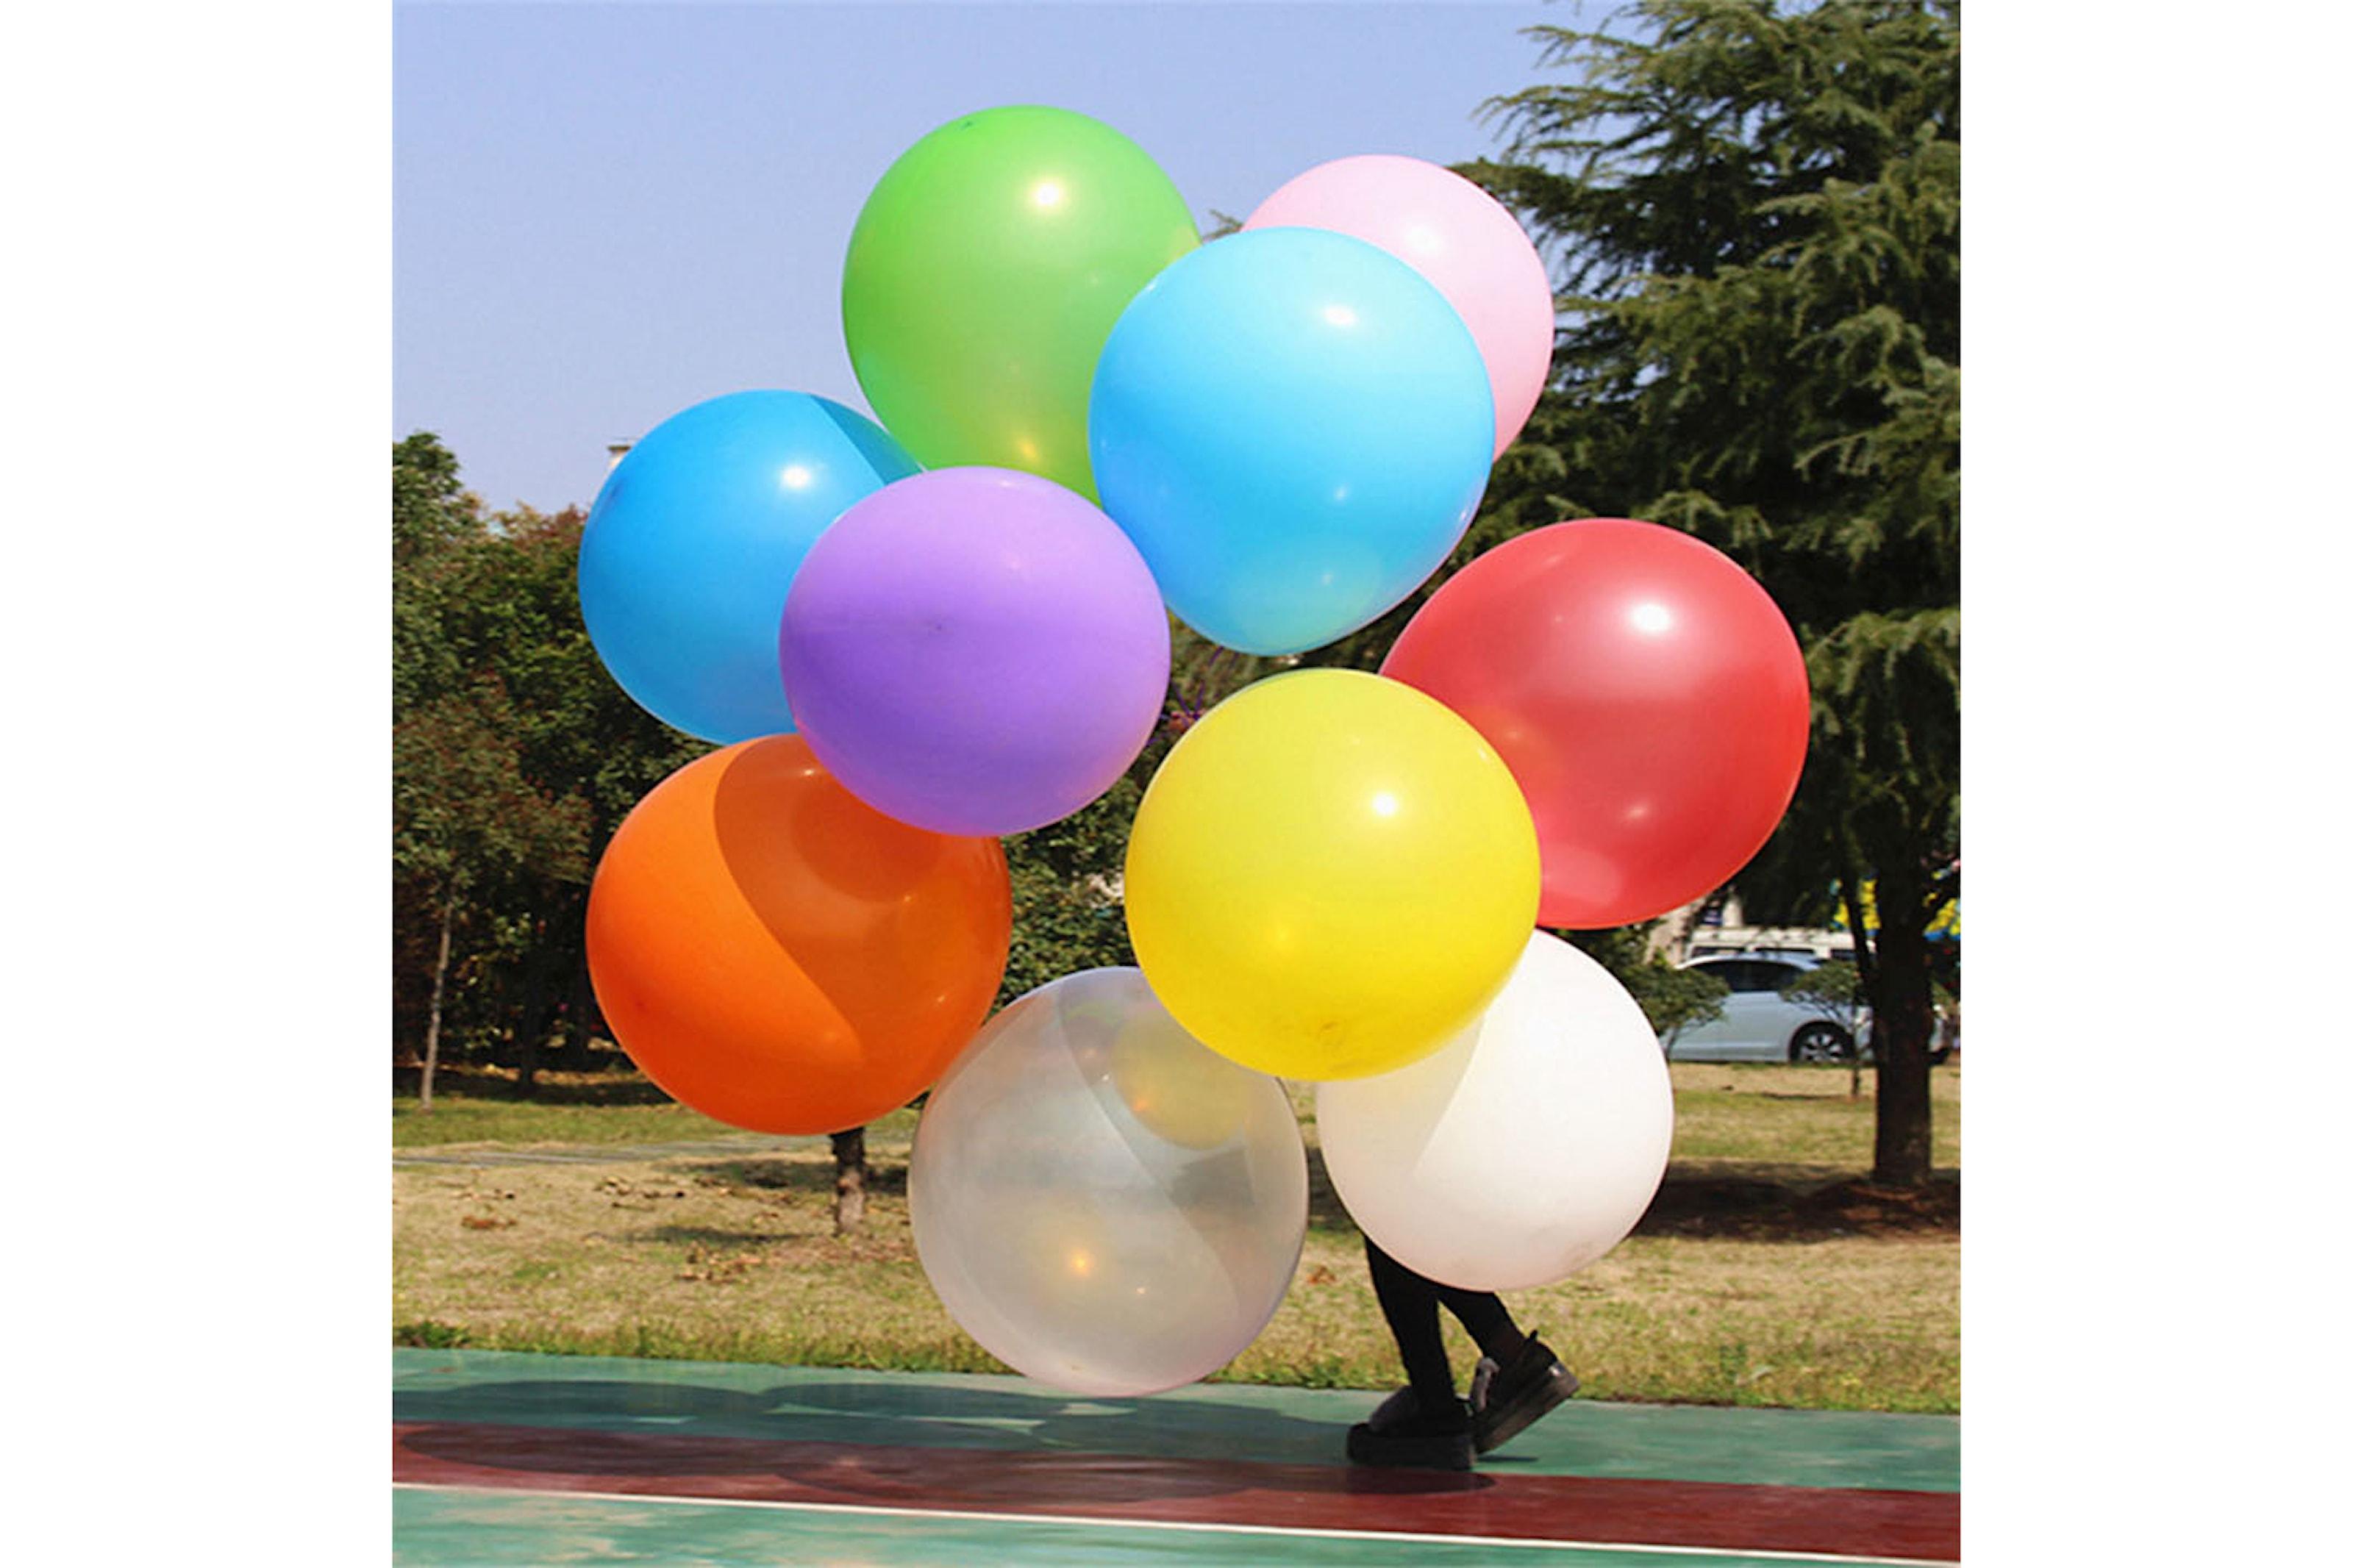 12-pack jätteballonger